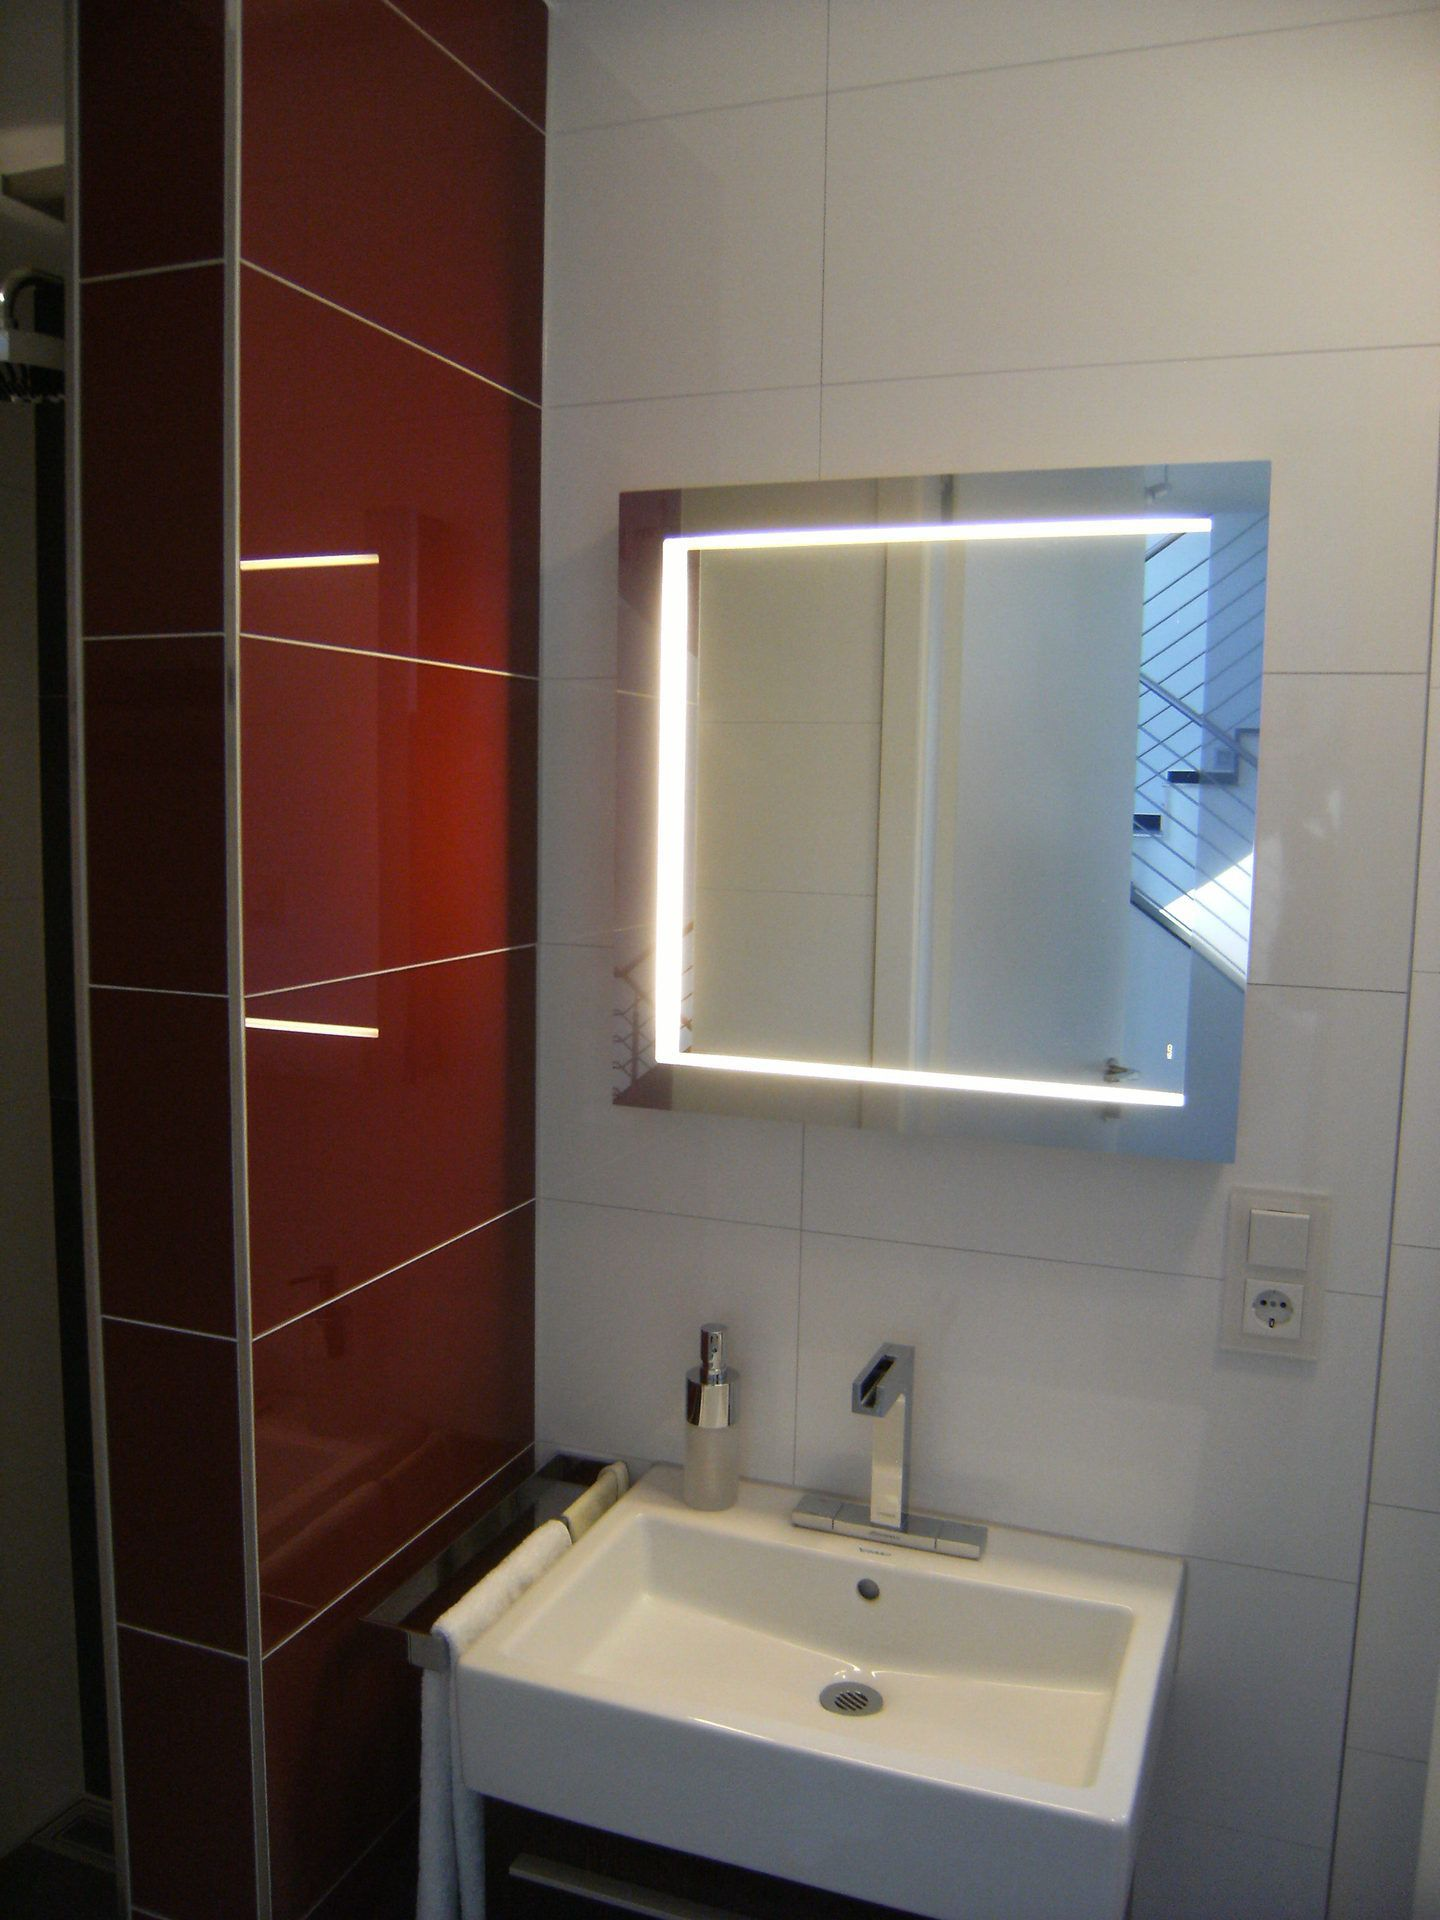 Spiegel Für Gäste Wc : wc beleuchtung per led spiegel ~ Watch28wear.com Haus und Dekorationen